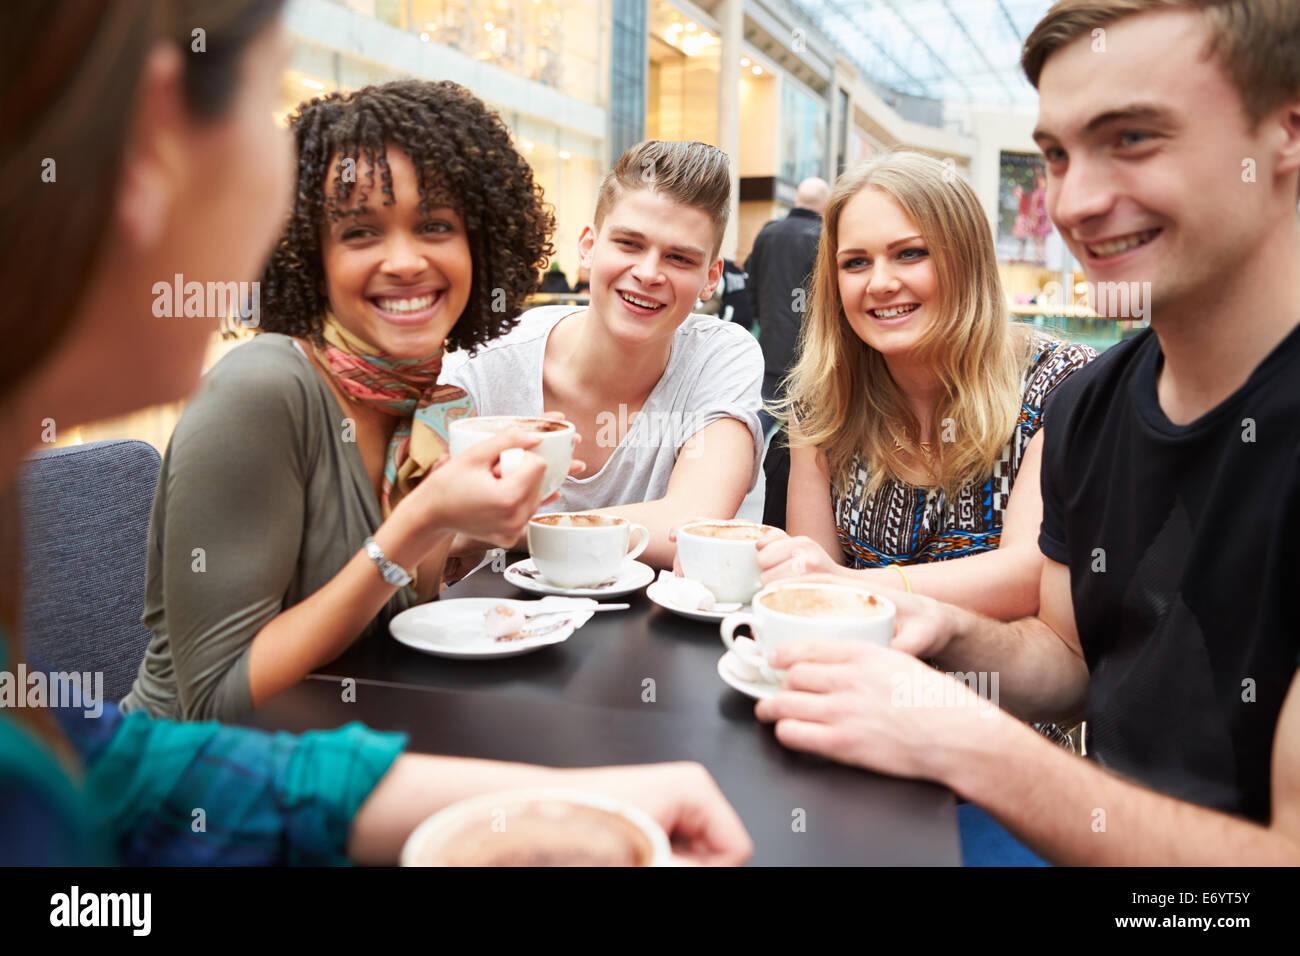 Un gruppo di giovani amici riuniti in Café Immagini Stock